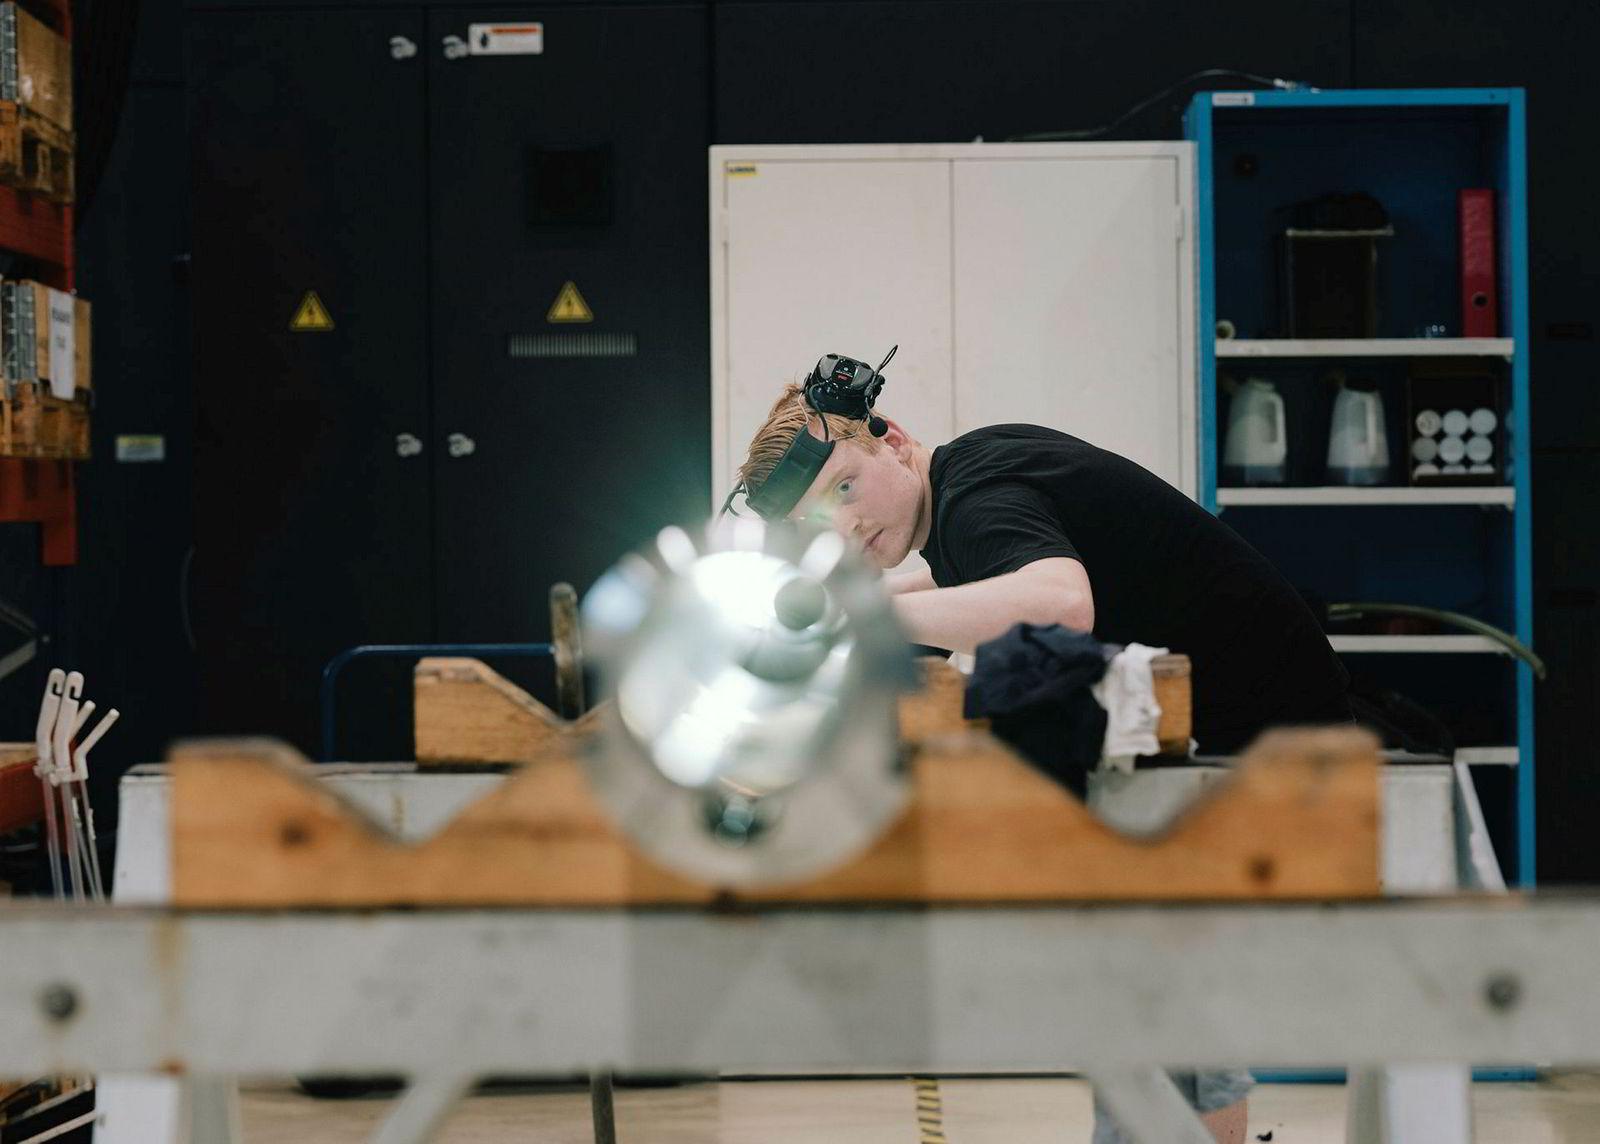 Mekaniker og CNC-operatør Atle Grødem (21) har jobbet i GMV siden 2016, da han begynte i lære. Han opplevde at ingen ville ansette lærlinger under krisen og tok heller et år ekstra på skole. Han mener fremtiden ser lysere ut. Foto: Tommy Ellingsen